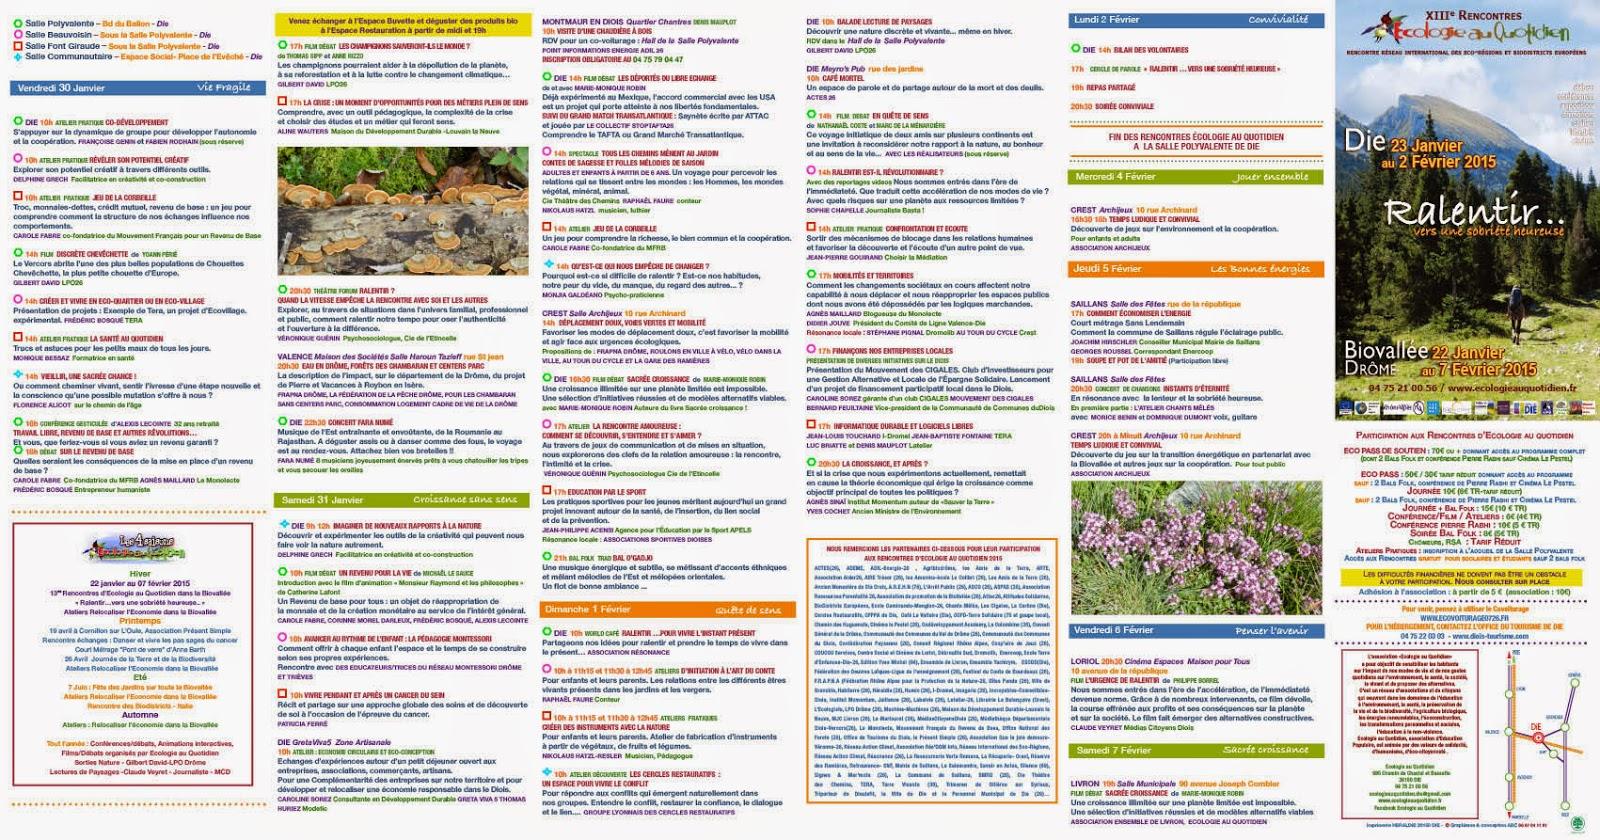 Rencontres ecologie 2016